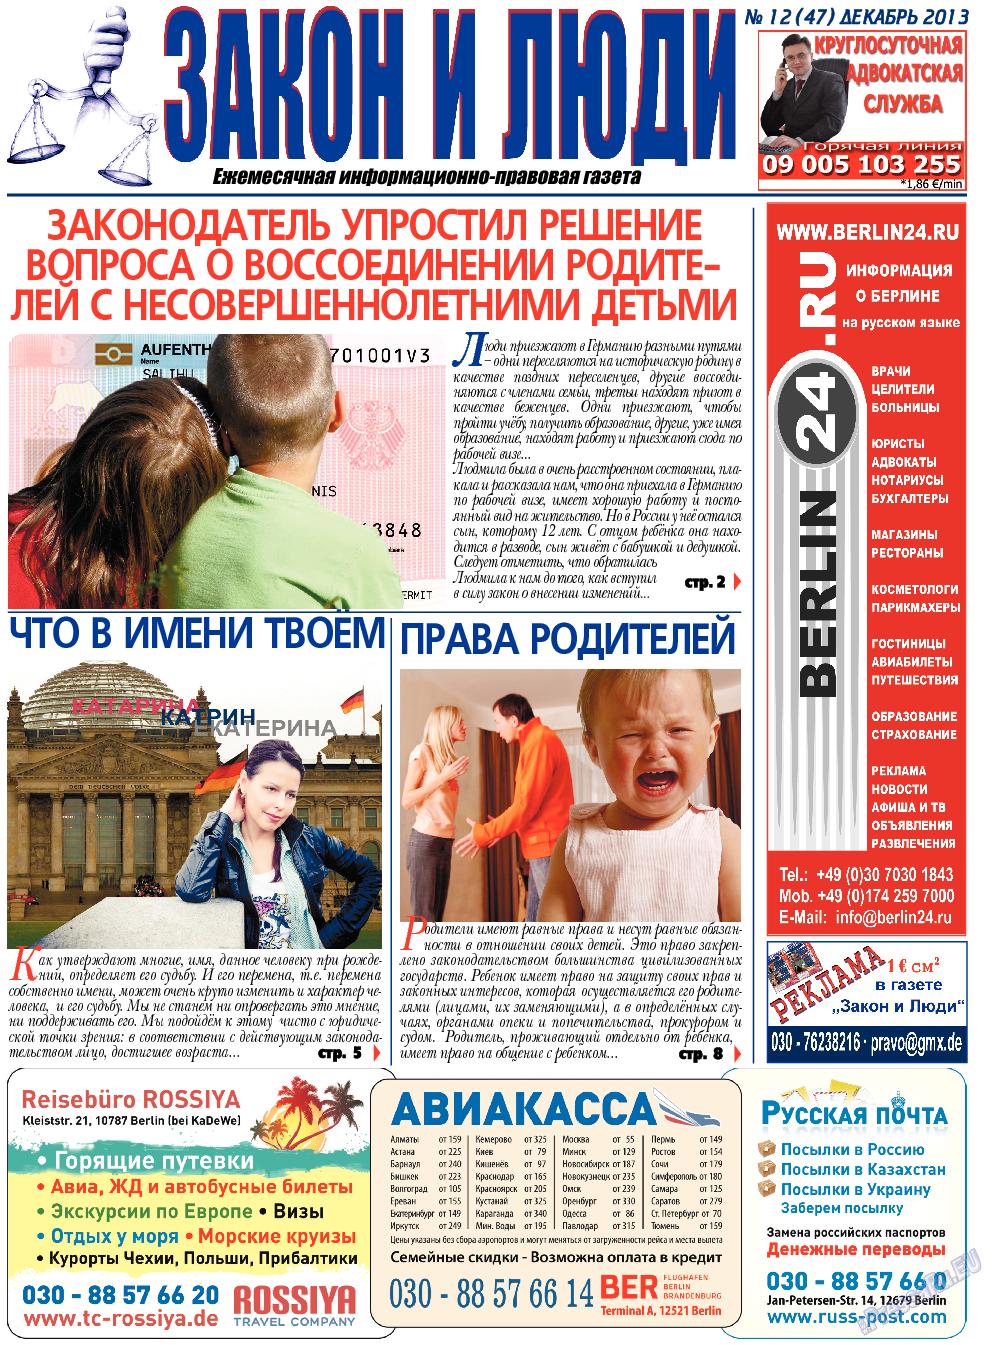 Закон и люди (газета). 2013 год, номер 12, стр. 1